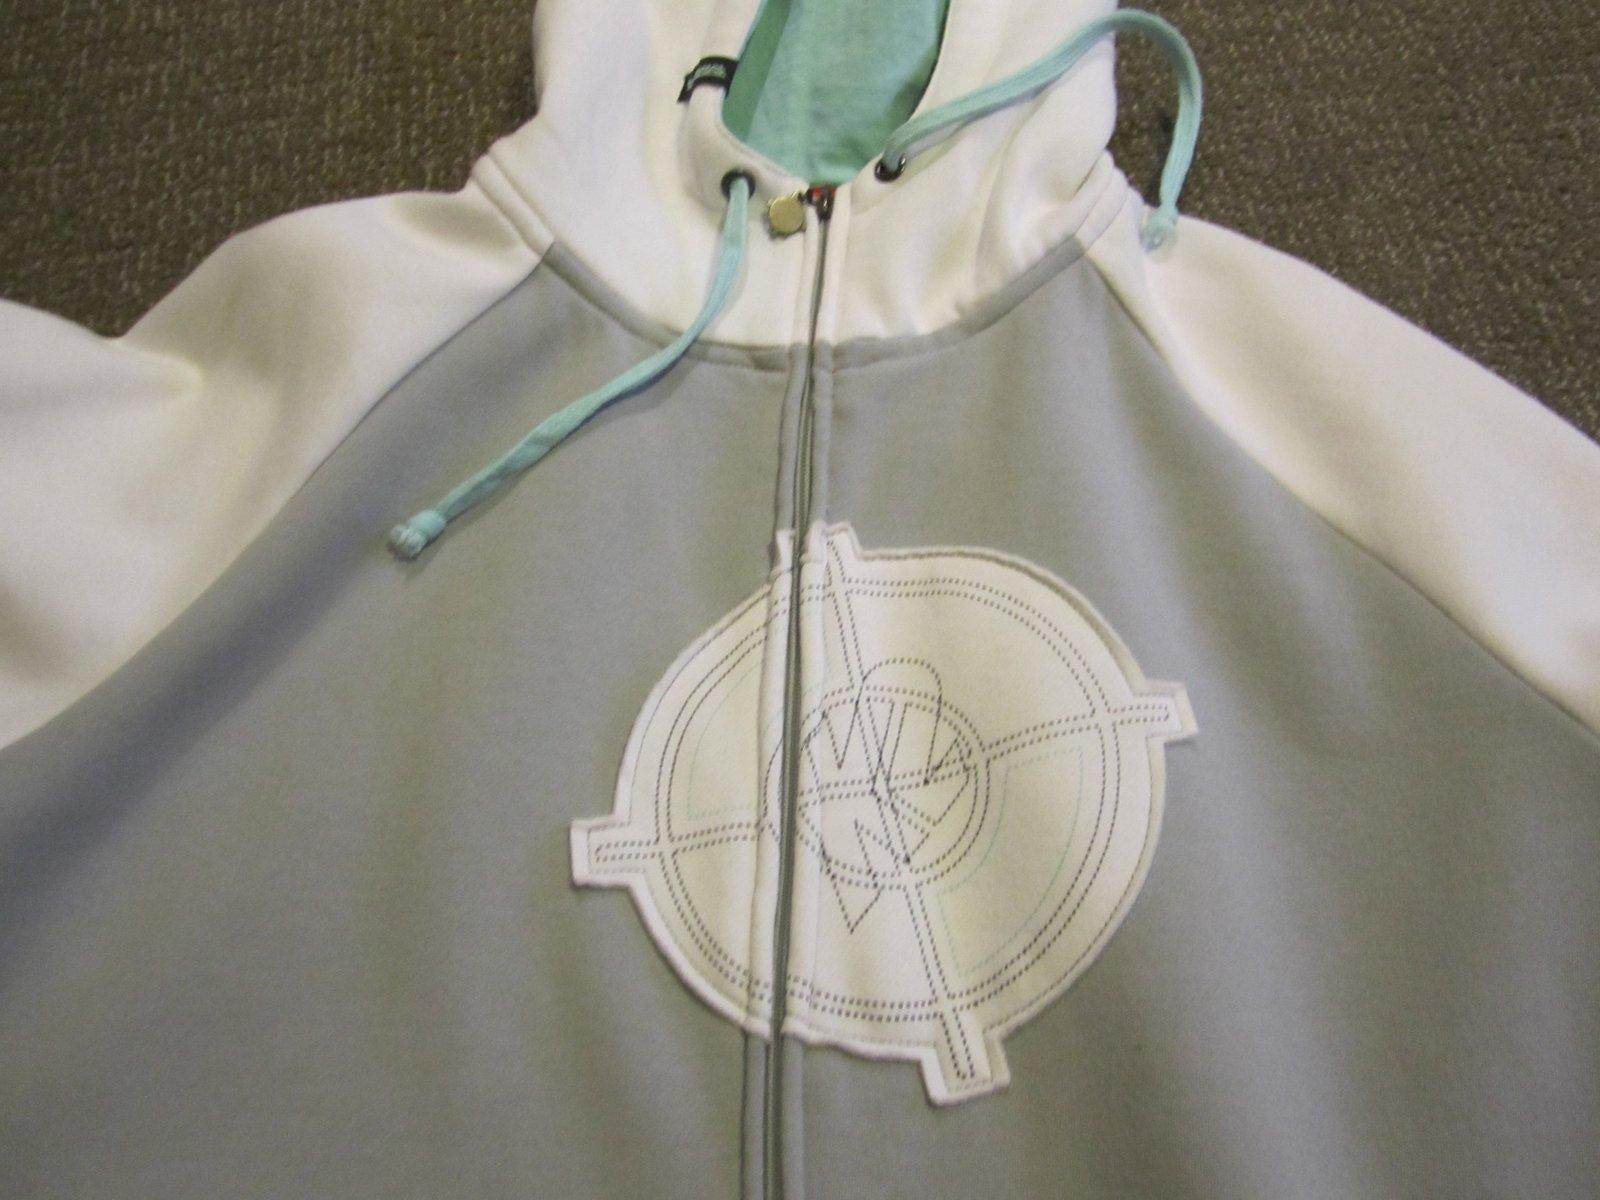 K2 hoodie logo